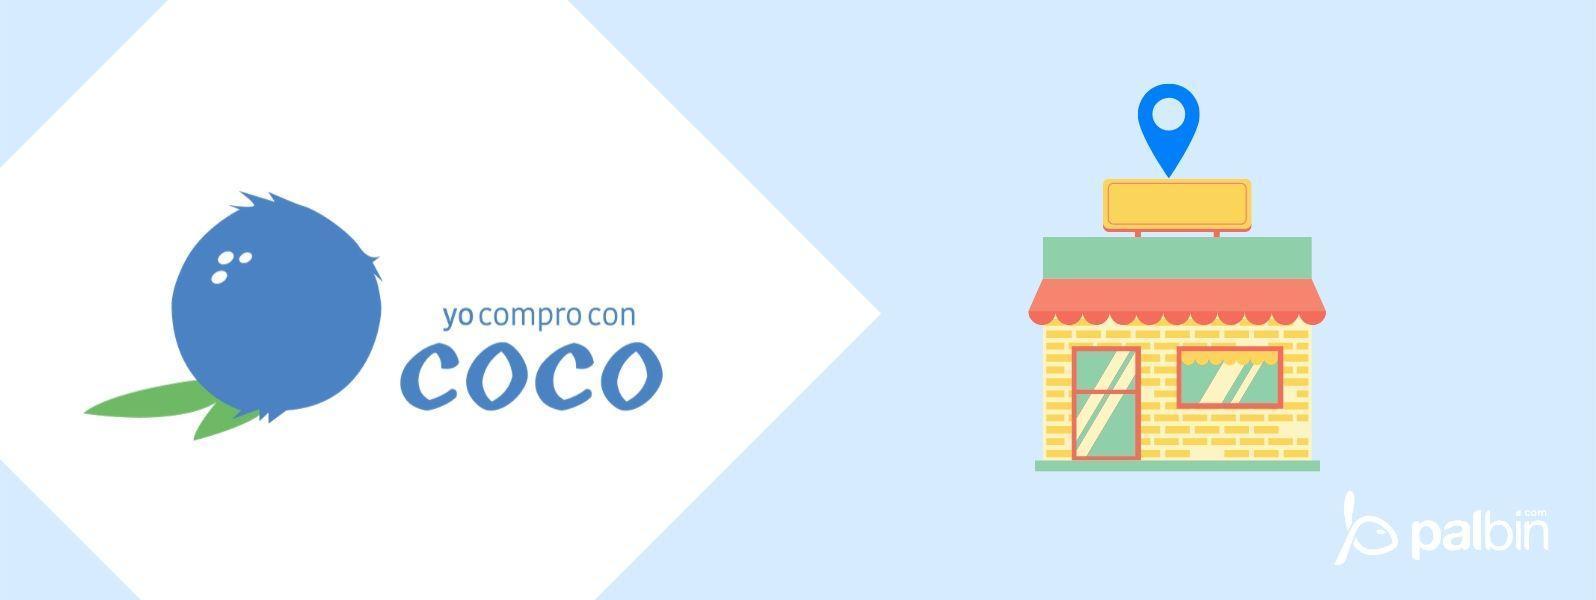 #YoComproConCoco Ayuda a las Pymes por el Coronavirus